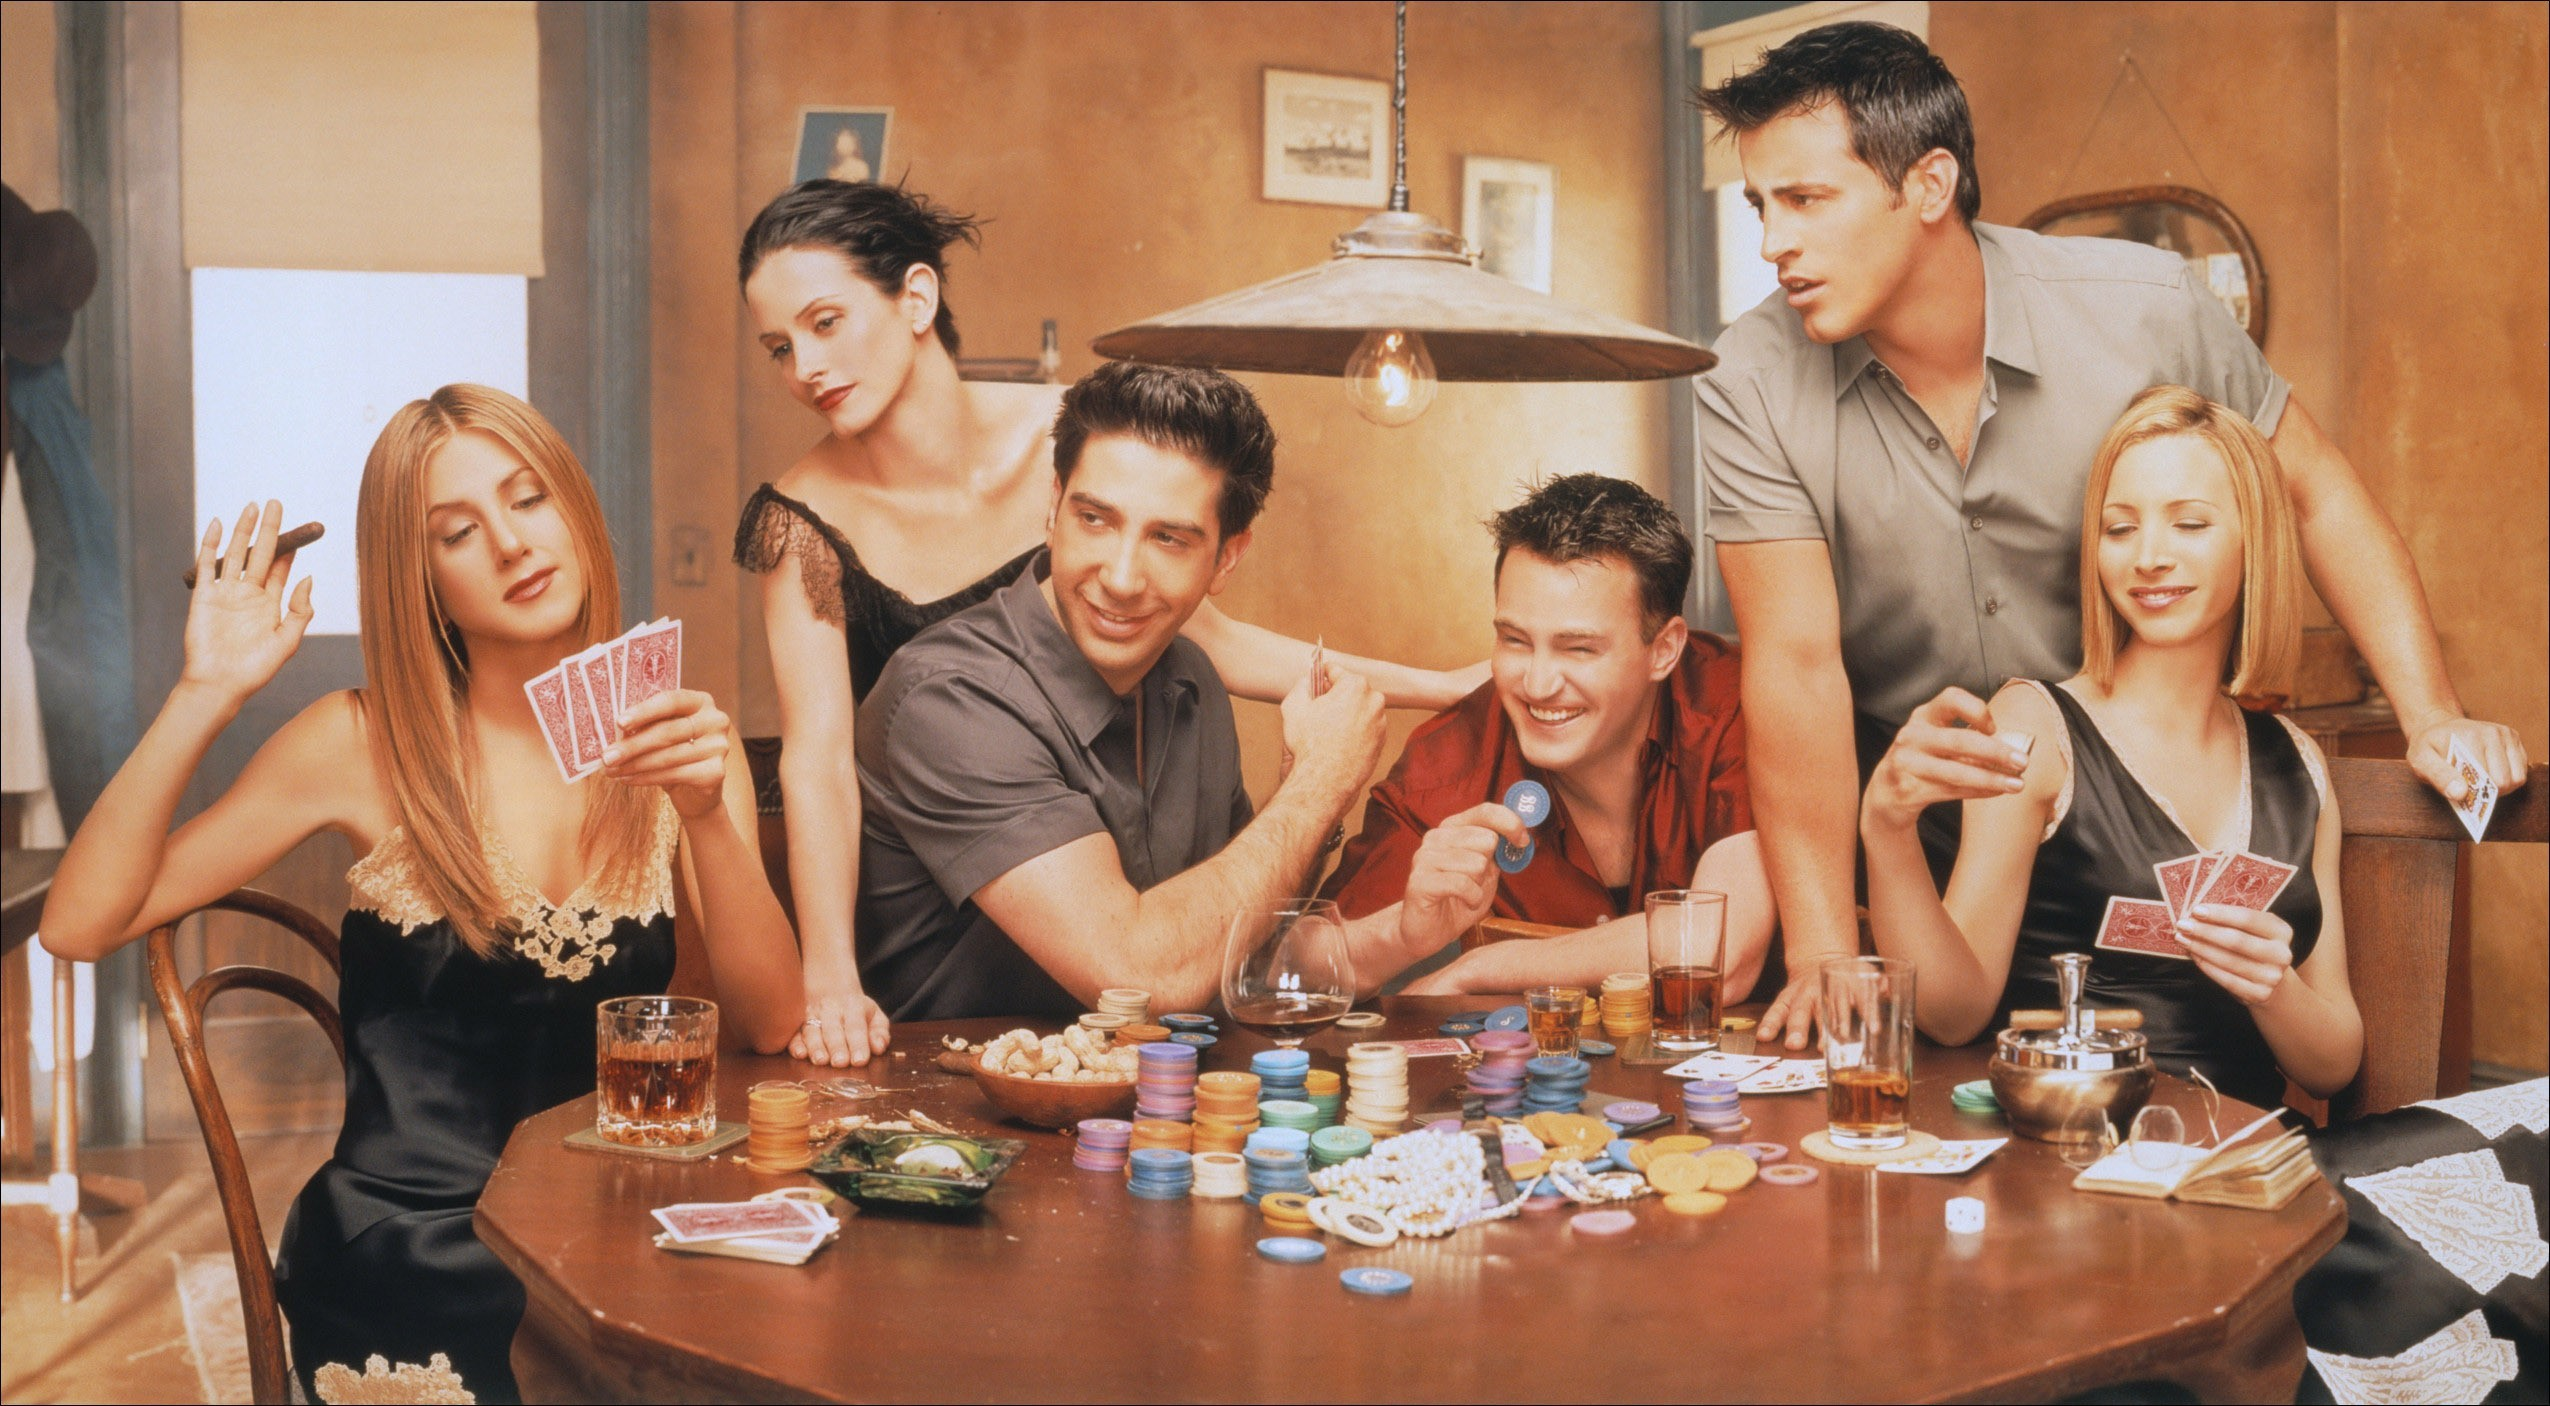 Fondos de pantalla Personajes de Friends